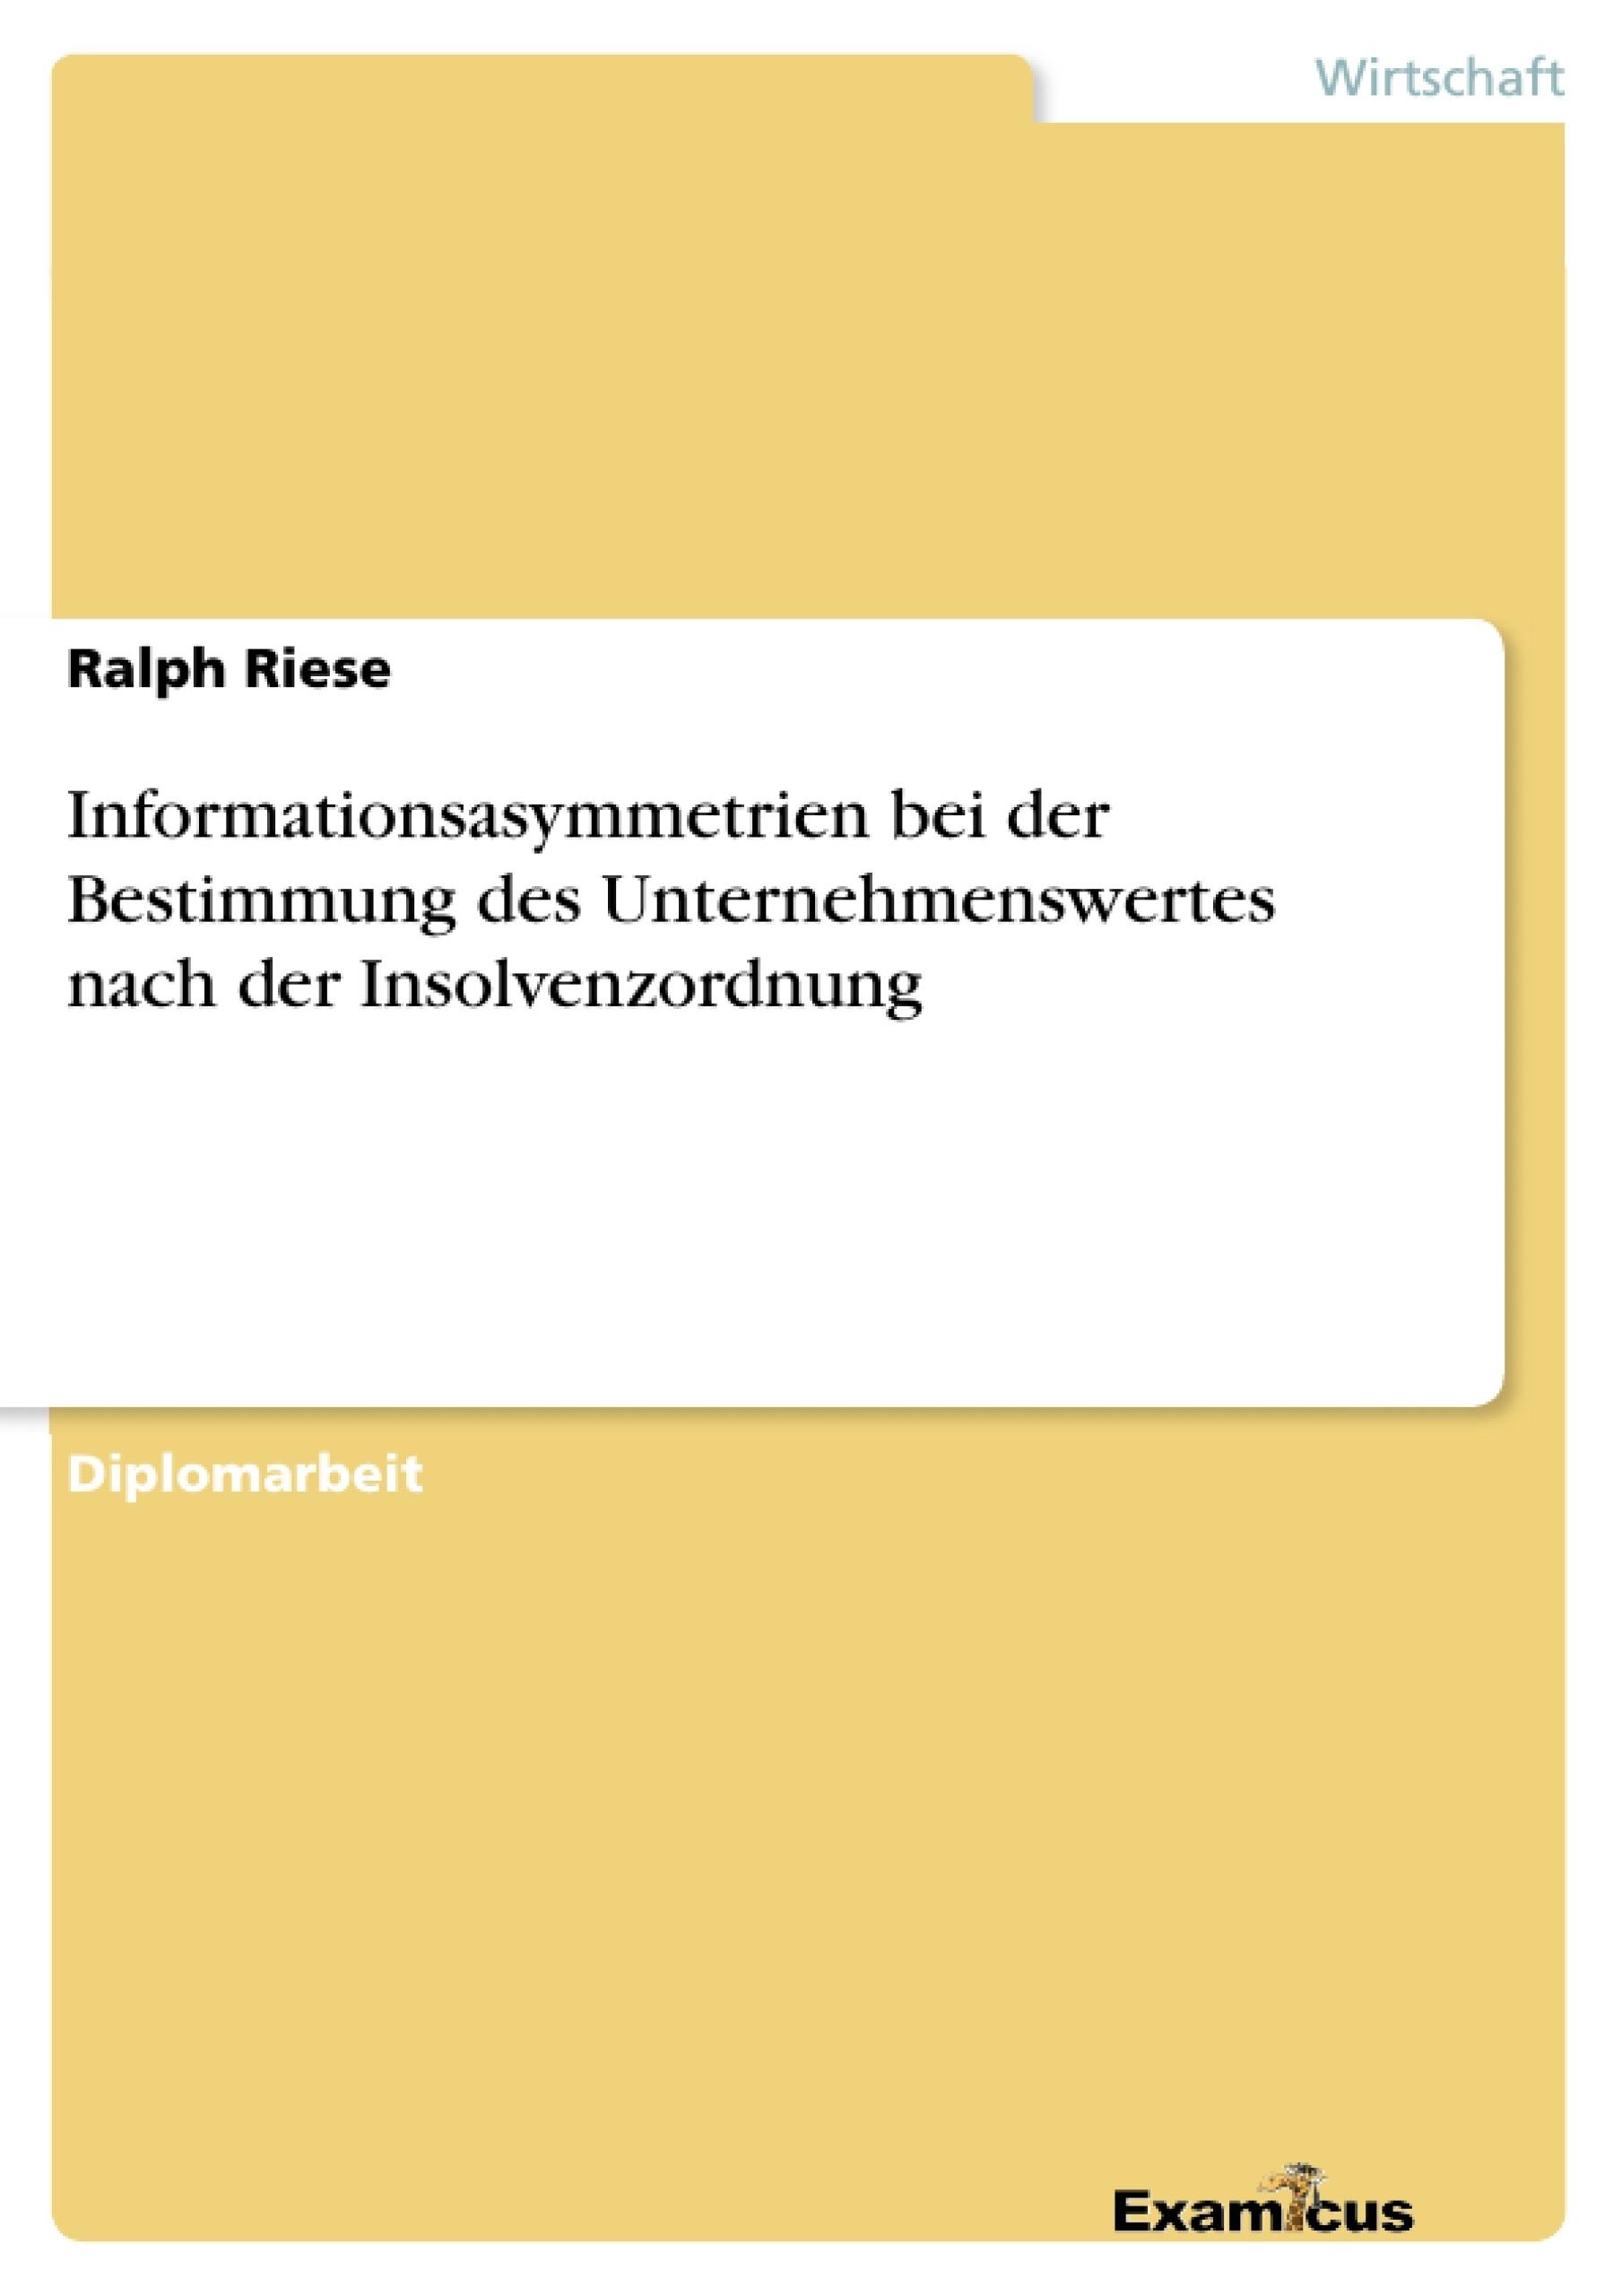 Titel: Informationsasymmetrien bei der Bestimmung des Unternehmenswertes nach der Insolvenzordnung